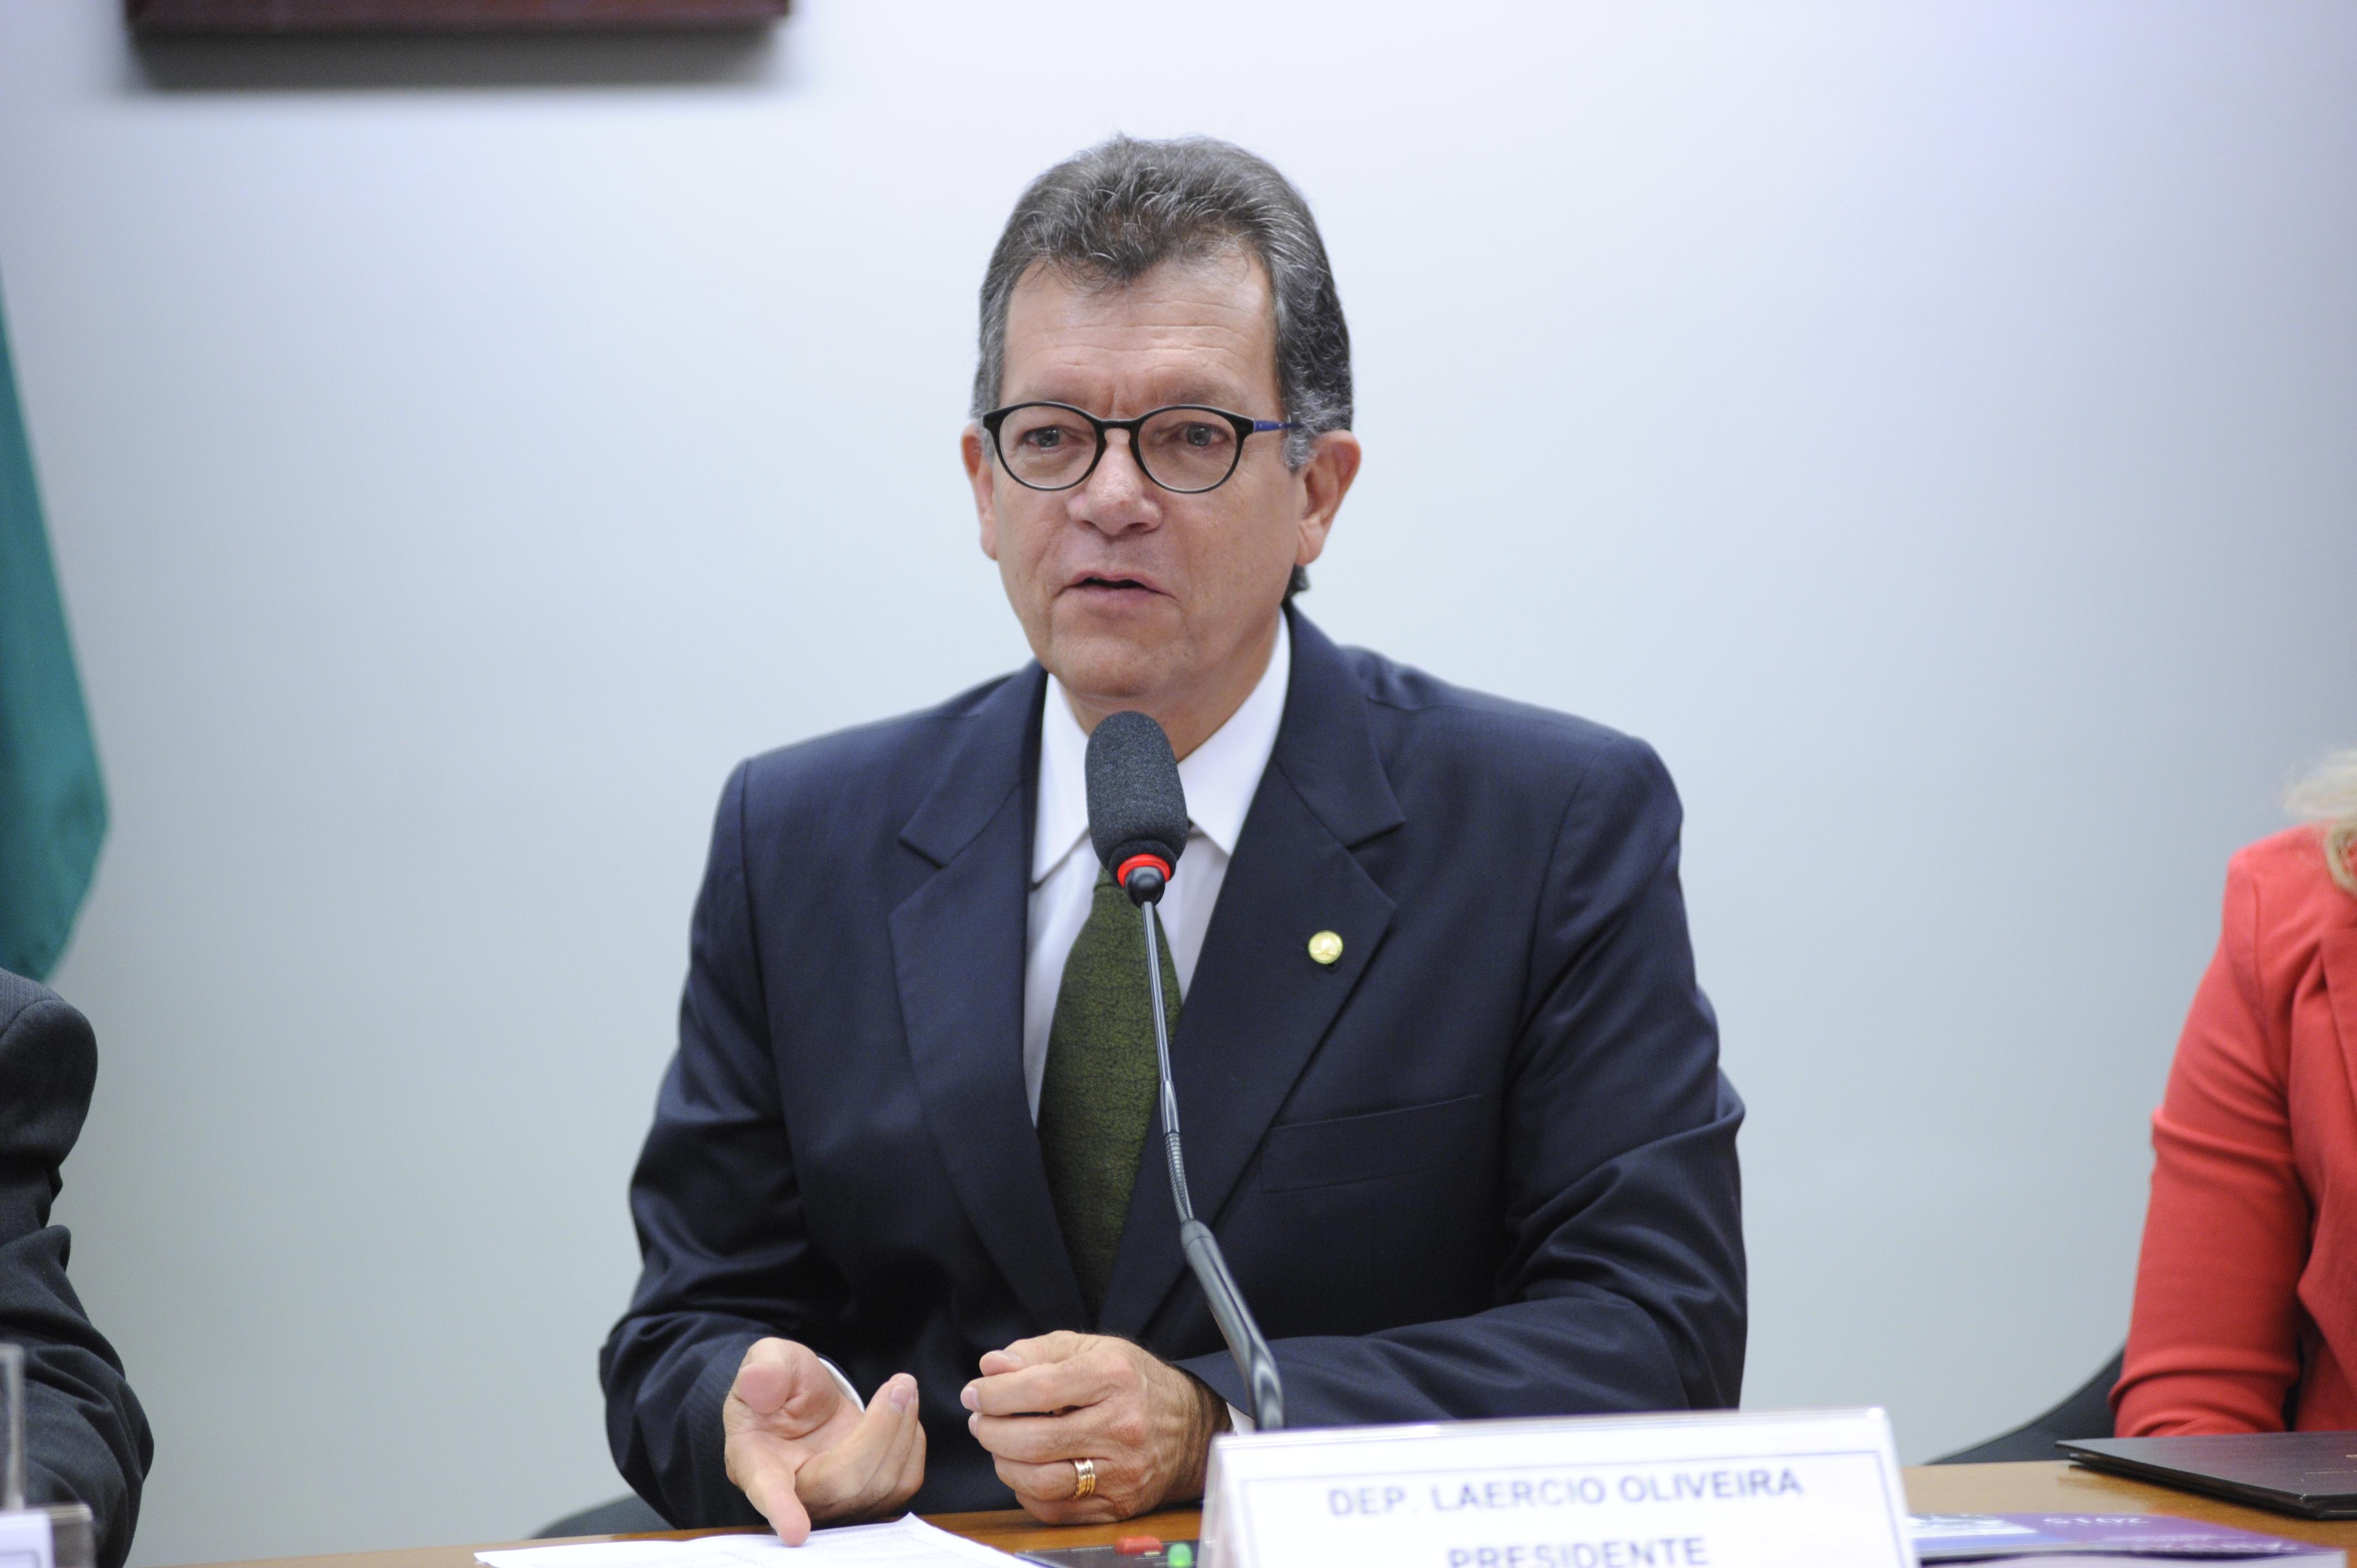 Dep. Laércio Oliveira